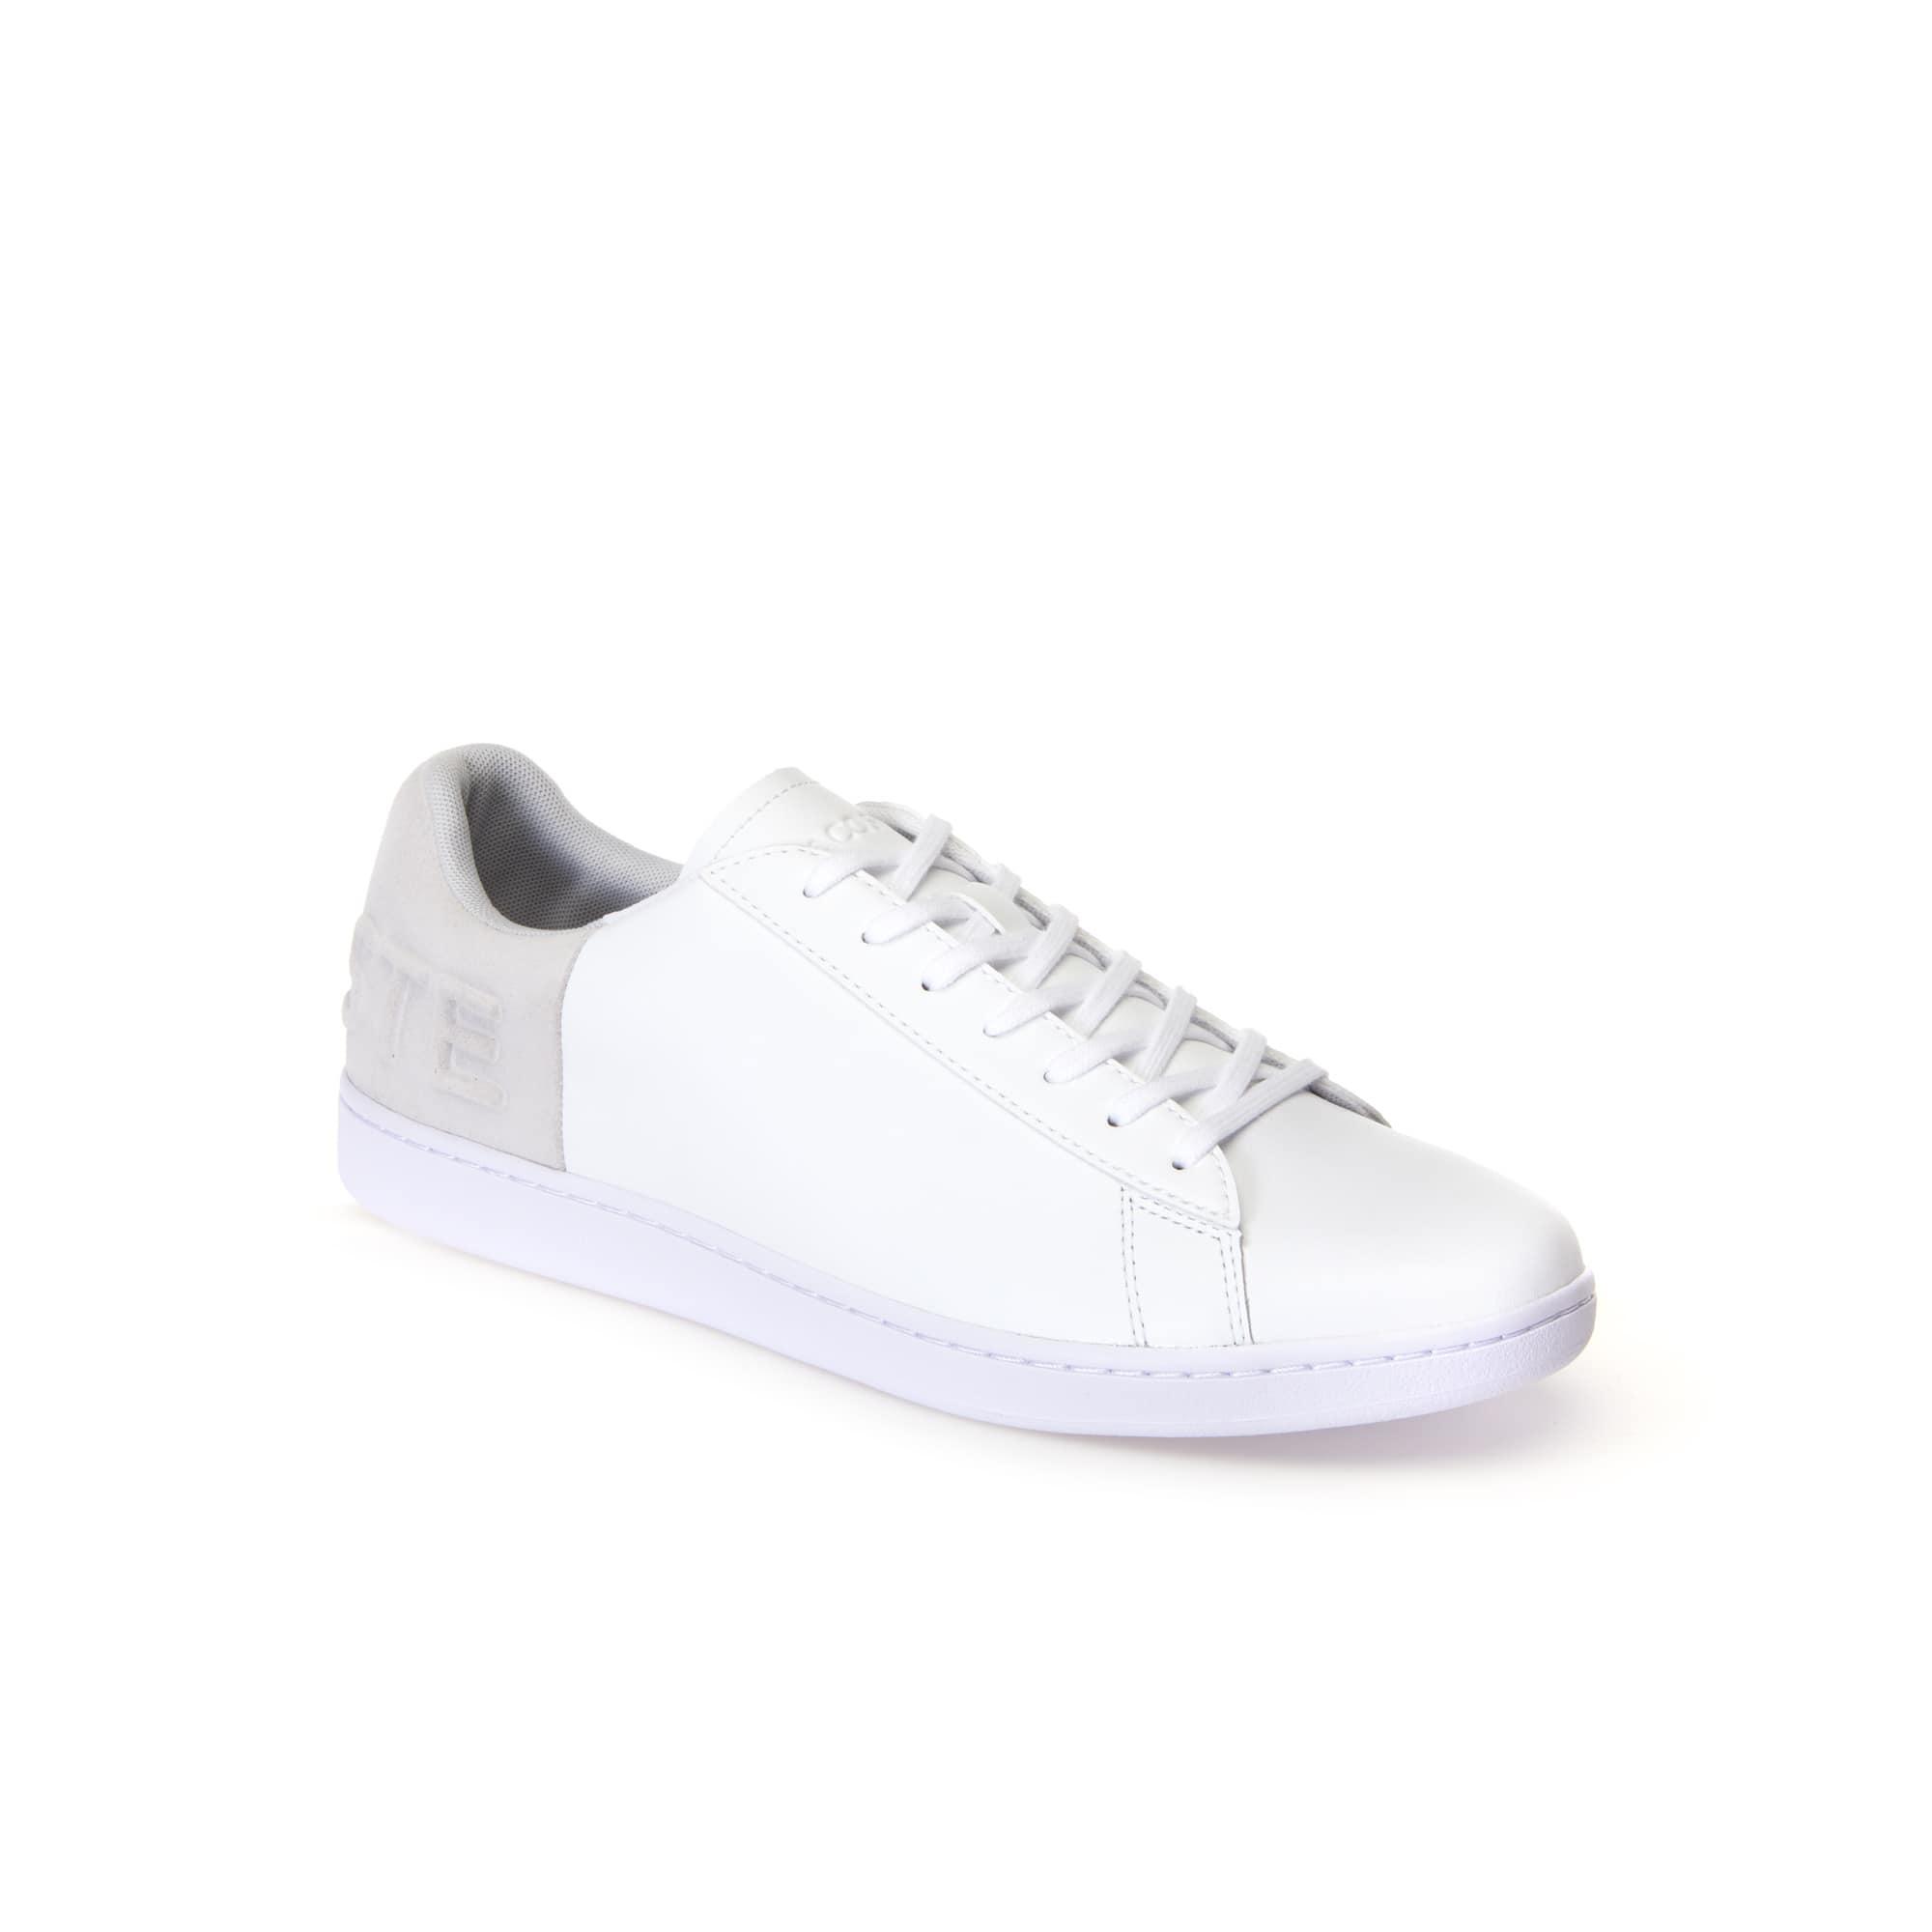 Herren-Sneakers CARNABY EVO aus Leder und Veloursleder